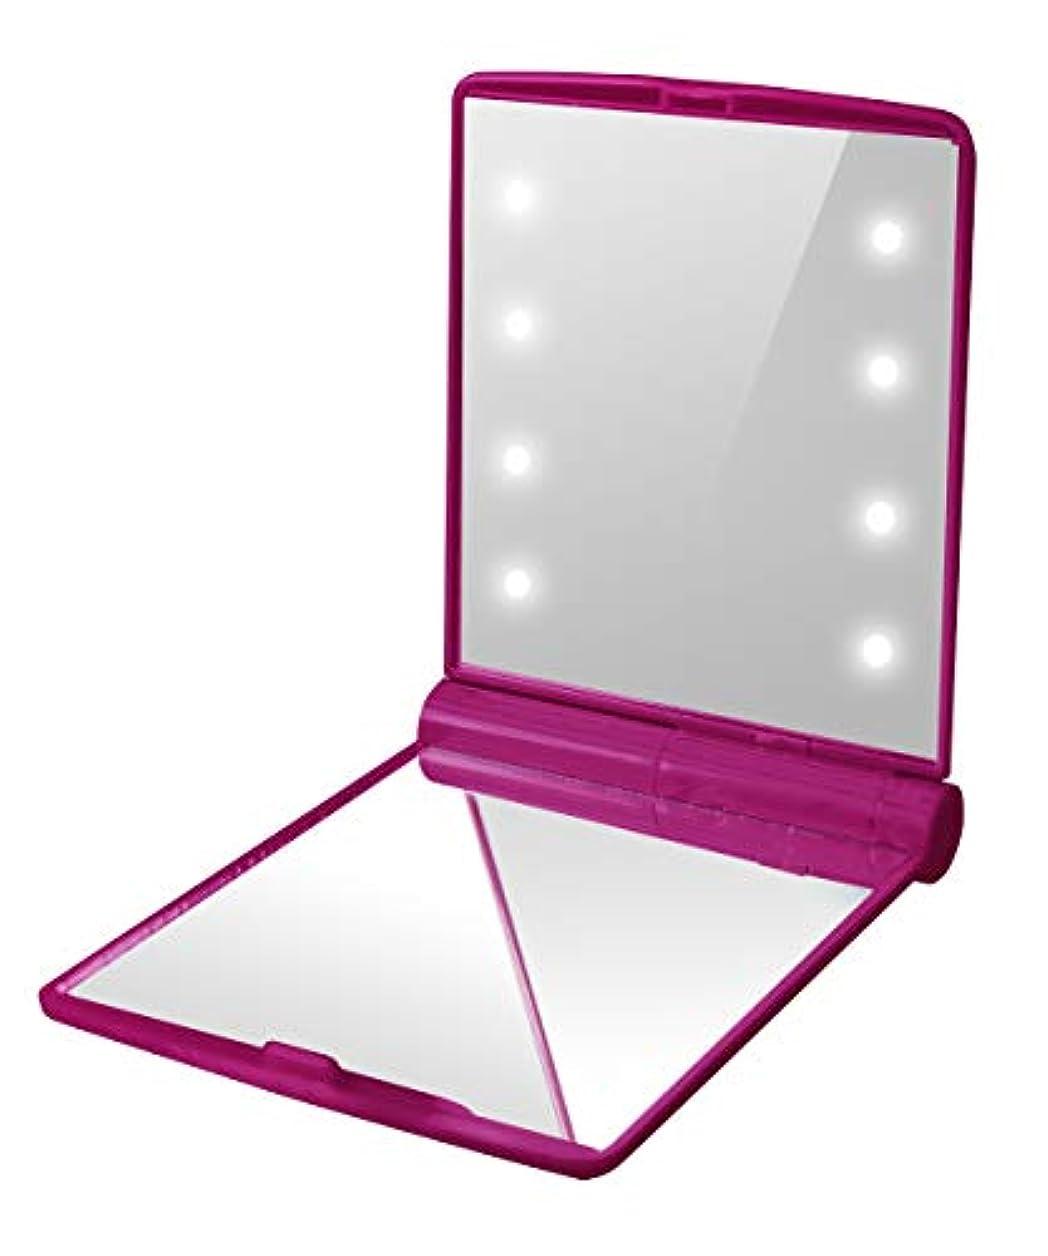 感謝する狂った活気づく化粧鏡 LED コンパクトミラー 折りたたみ 手鏡 鏡 携帯ミラー (ピンク)